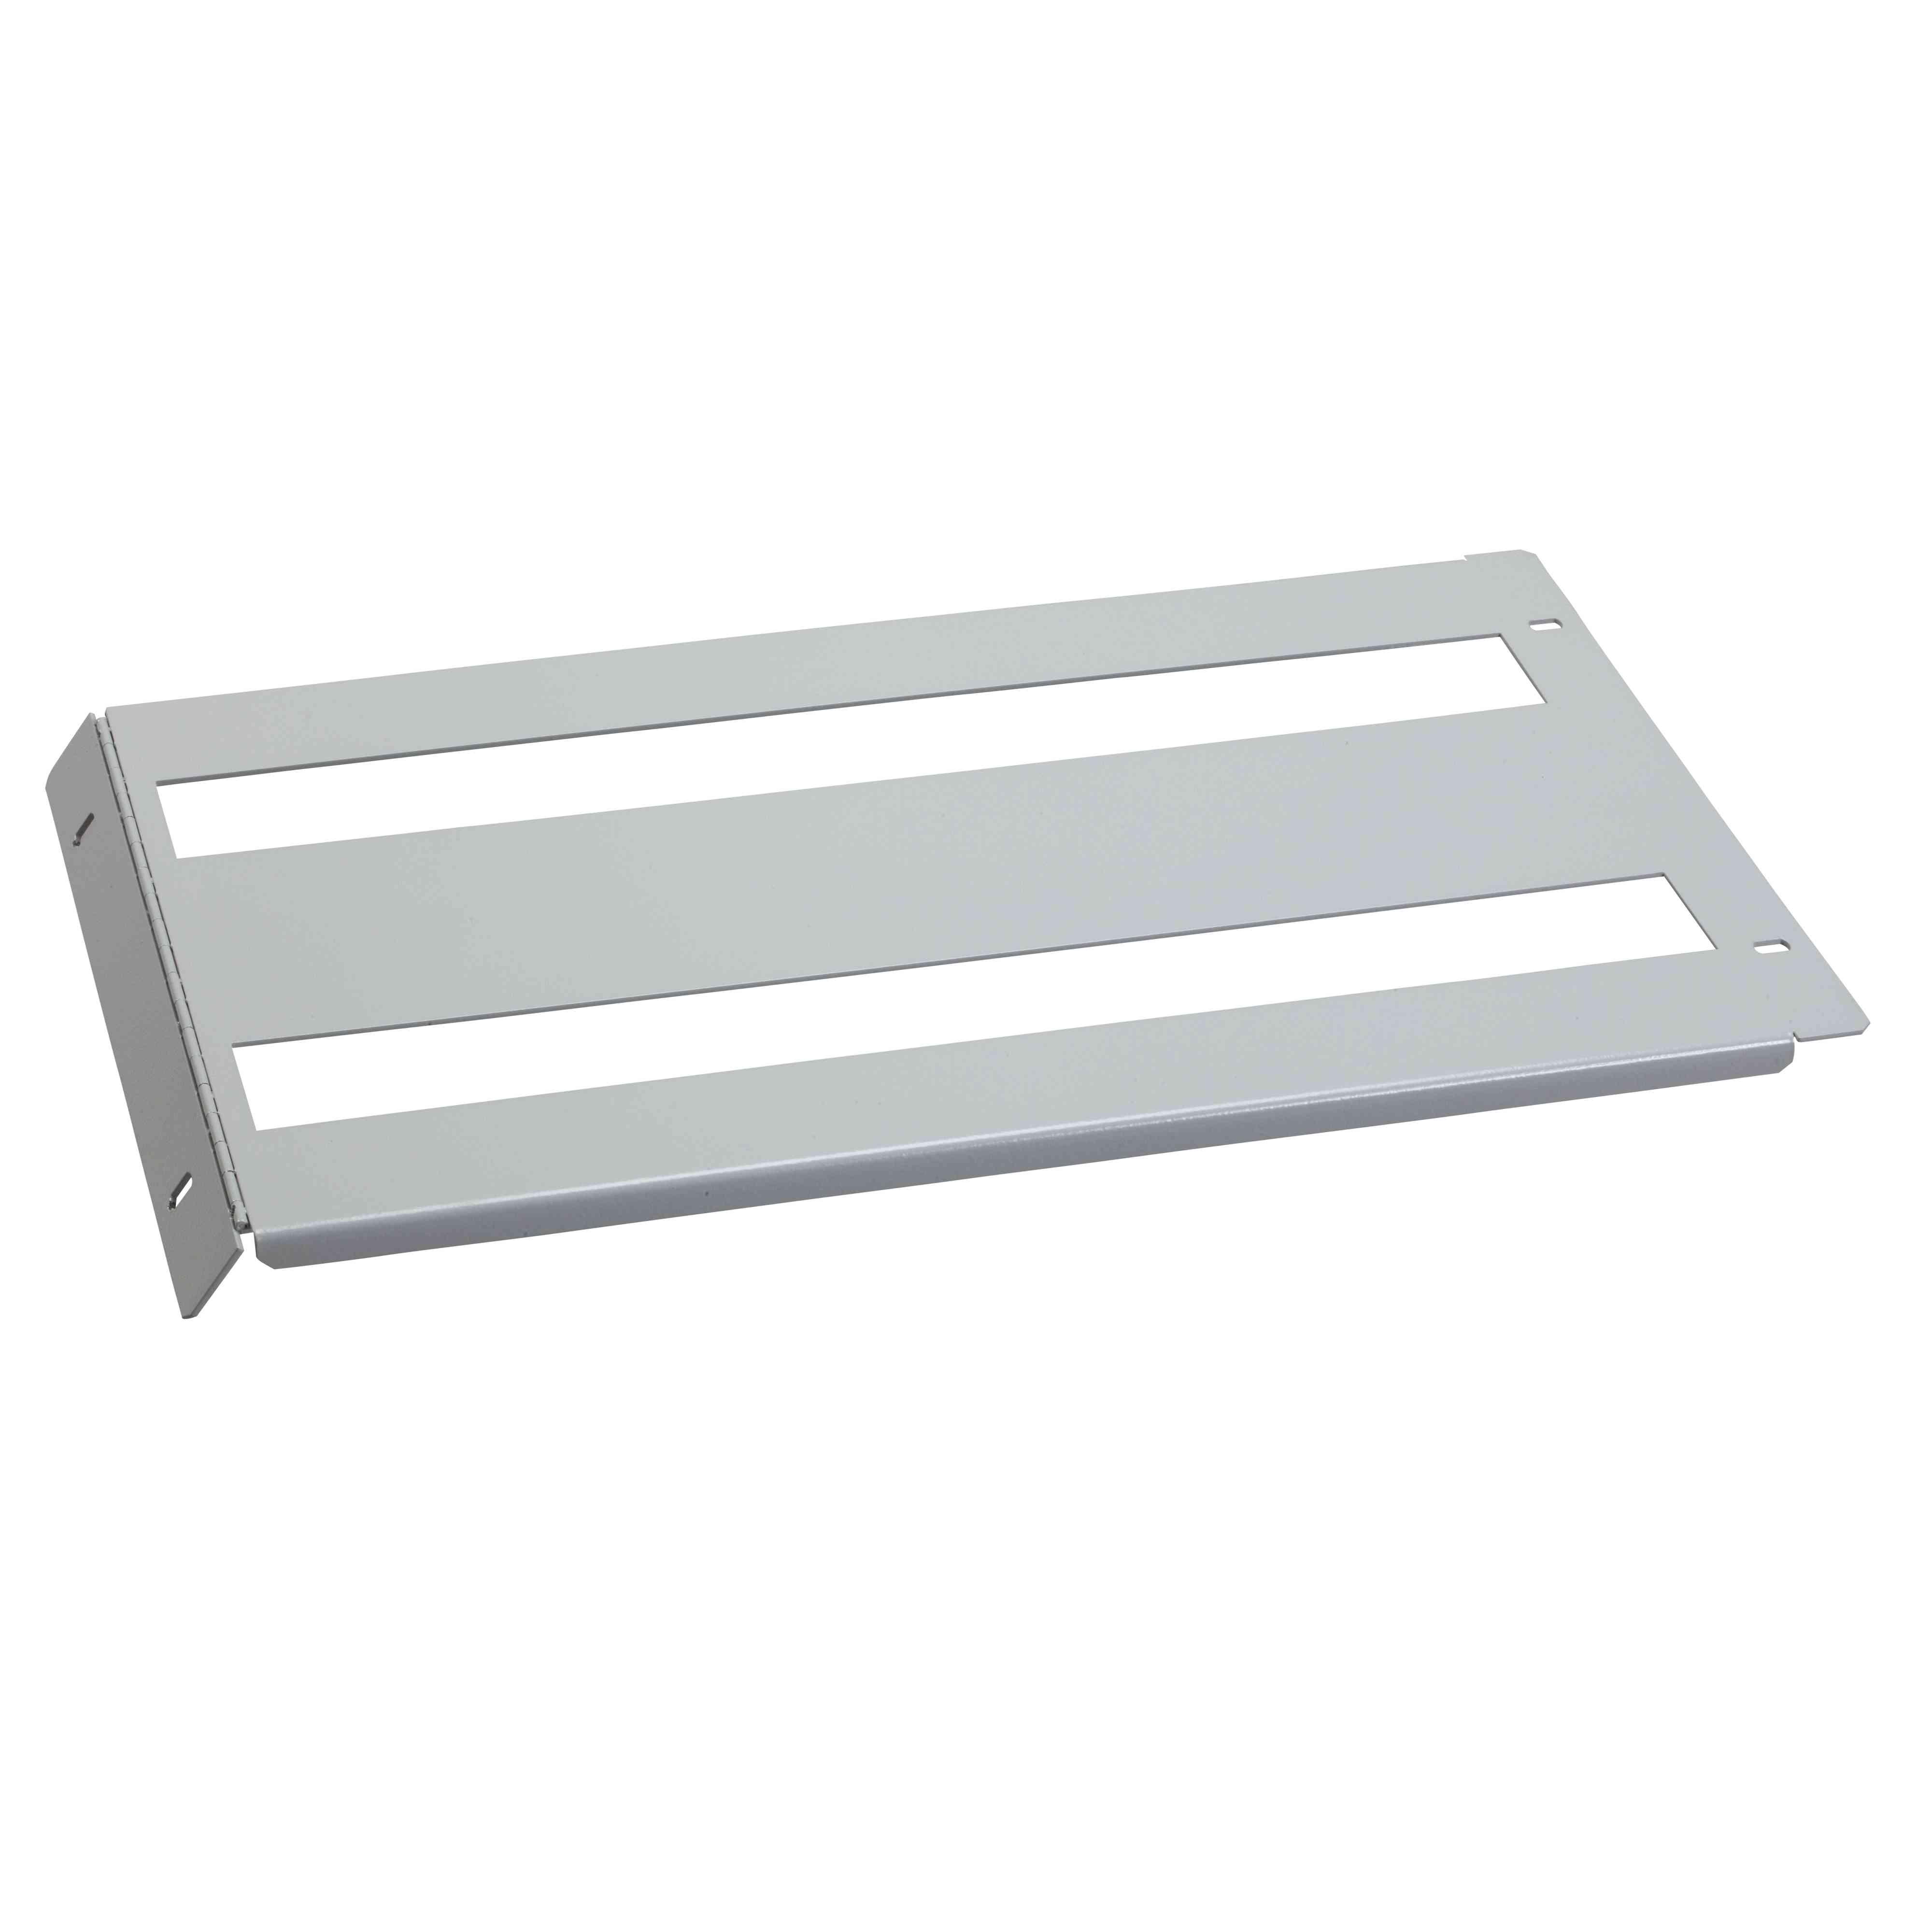 Izrezana pokrivna plošča Spacial SF/SM - 150 x 800 mm - pritrditev s tečaji